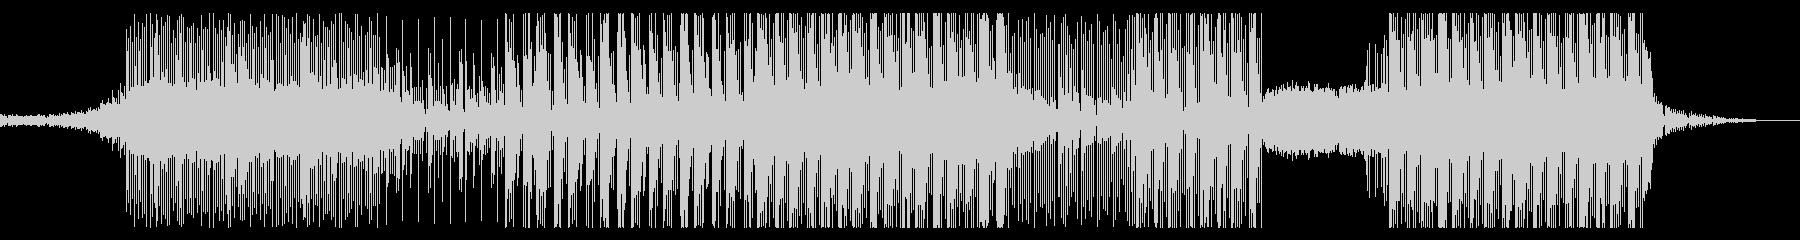 和風ダークヒップホップ(三味線)の未再生の波形